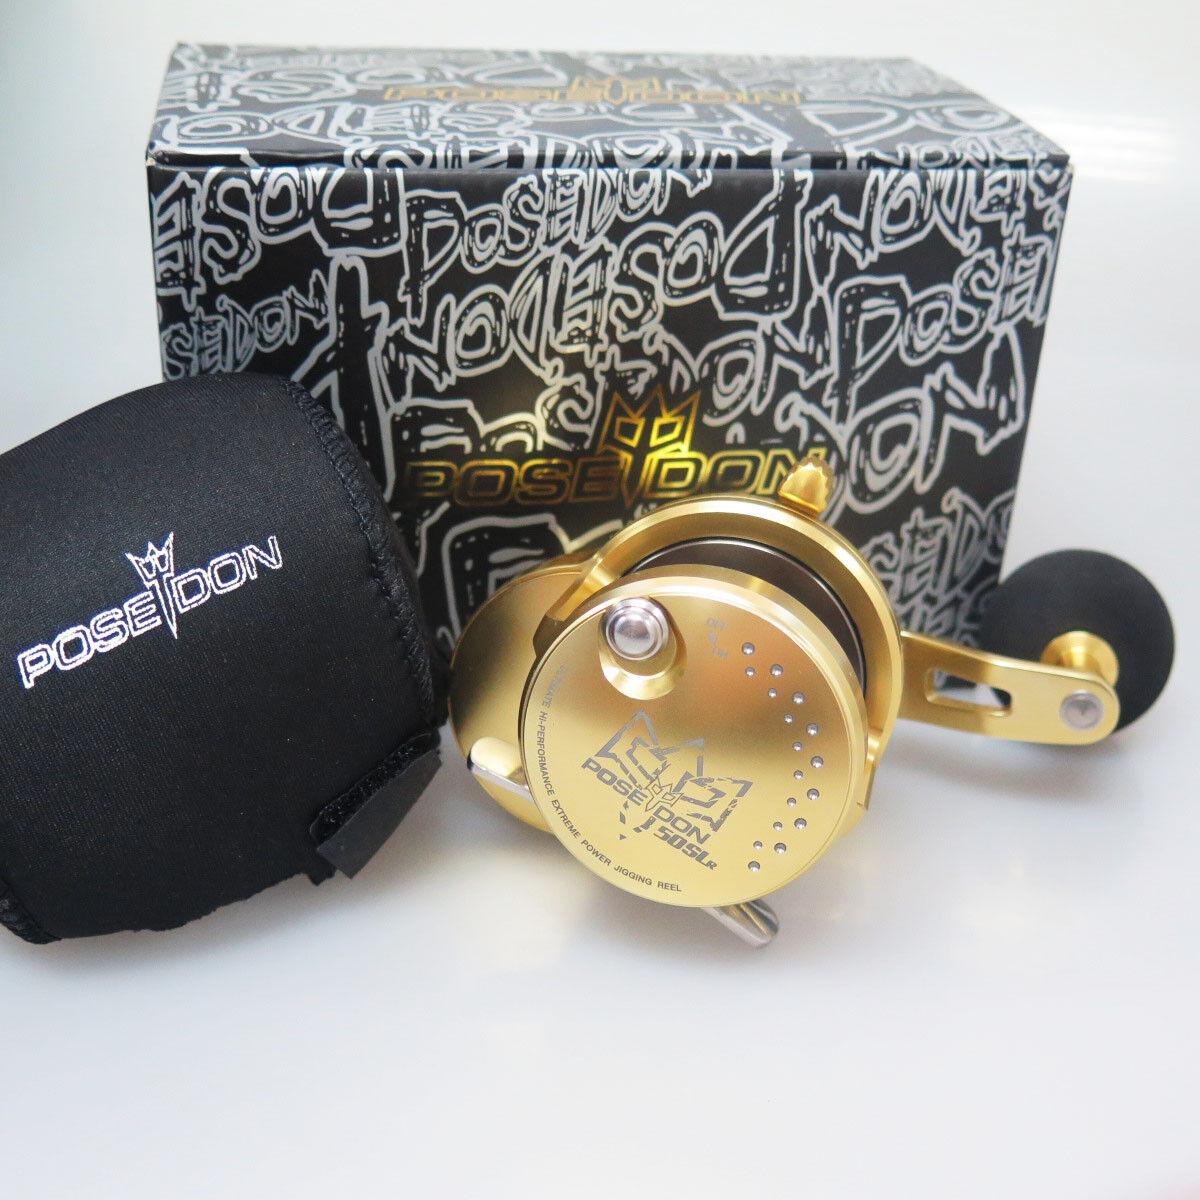 POSEIDON 50SL JIGGING REEL gold GSK HEAVY DUTY 2DAYS FEDEX